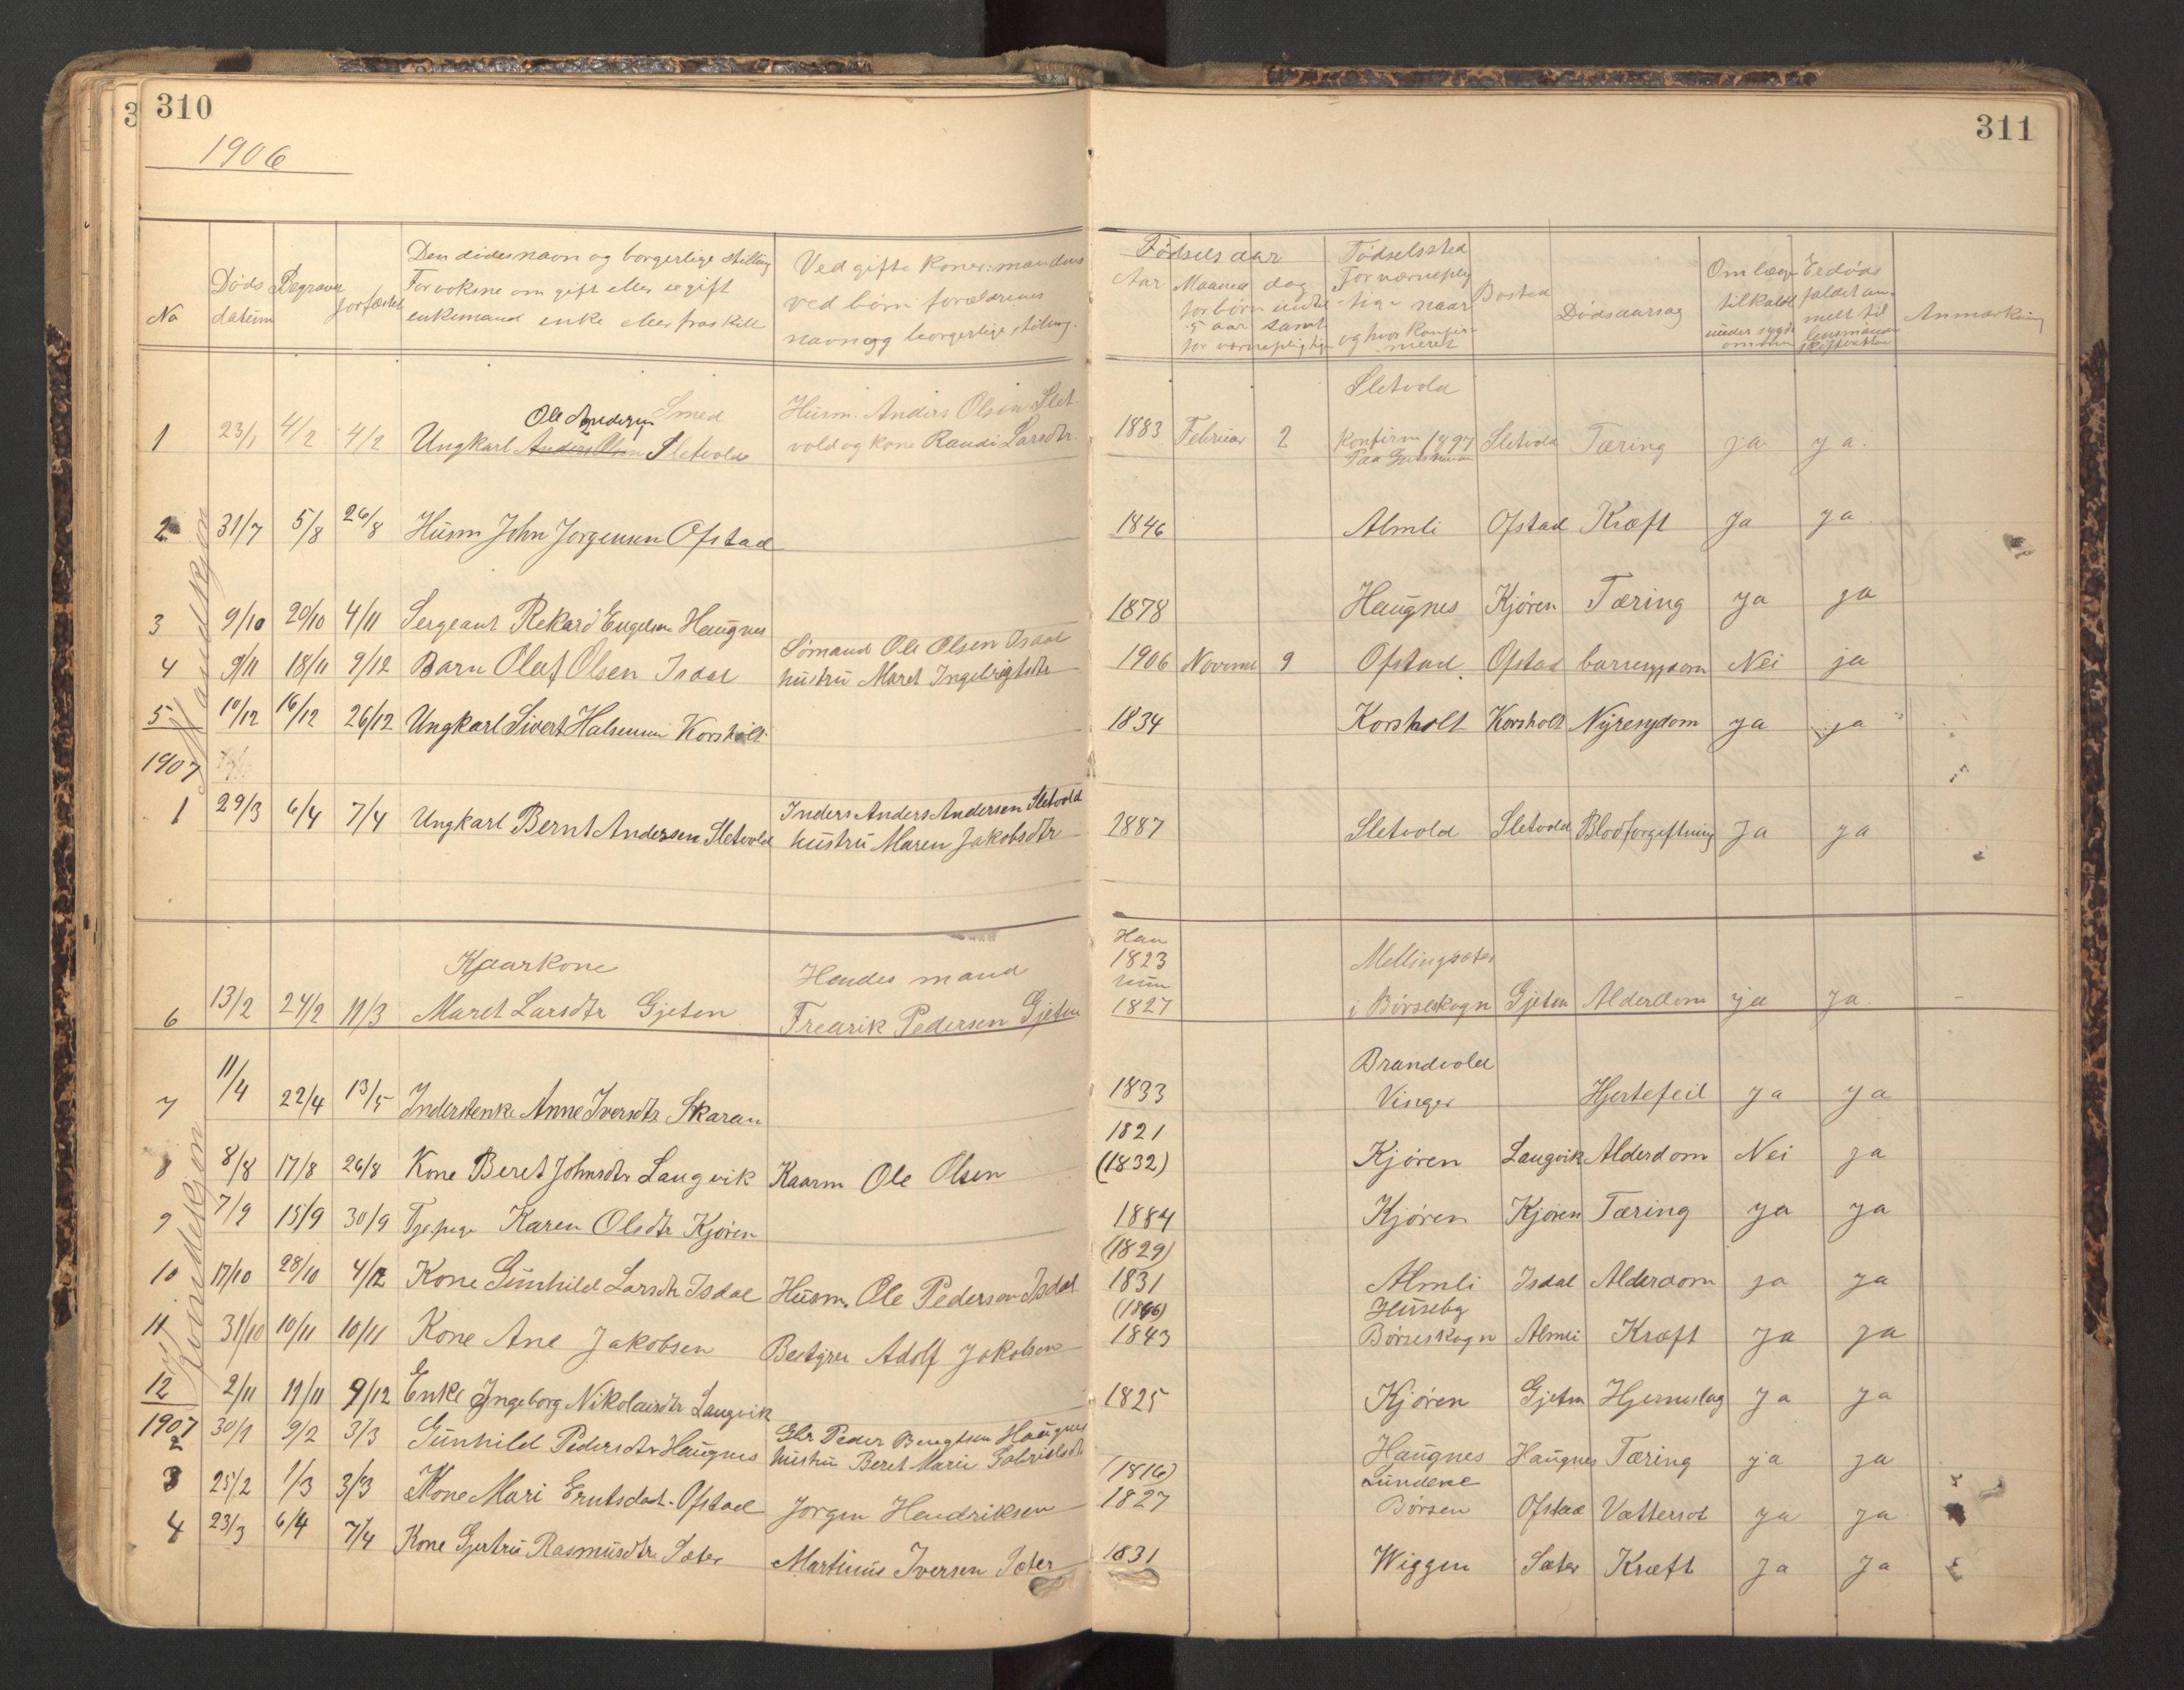 SAT, Ministerialprotokoller, klokkerbøker og fødselsregistre - Sør-Trøndelag, 670/L0837: Klokkerbok nr. 670C01, 1905-1946, s. 310-311